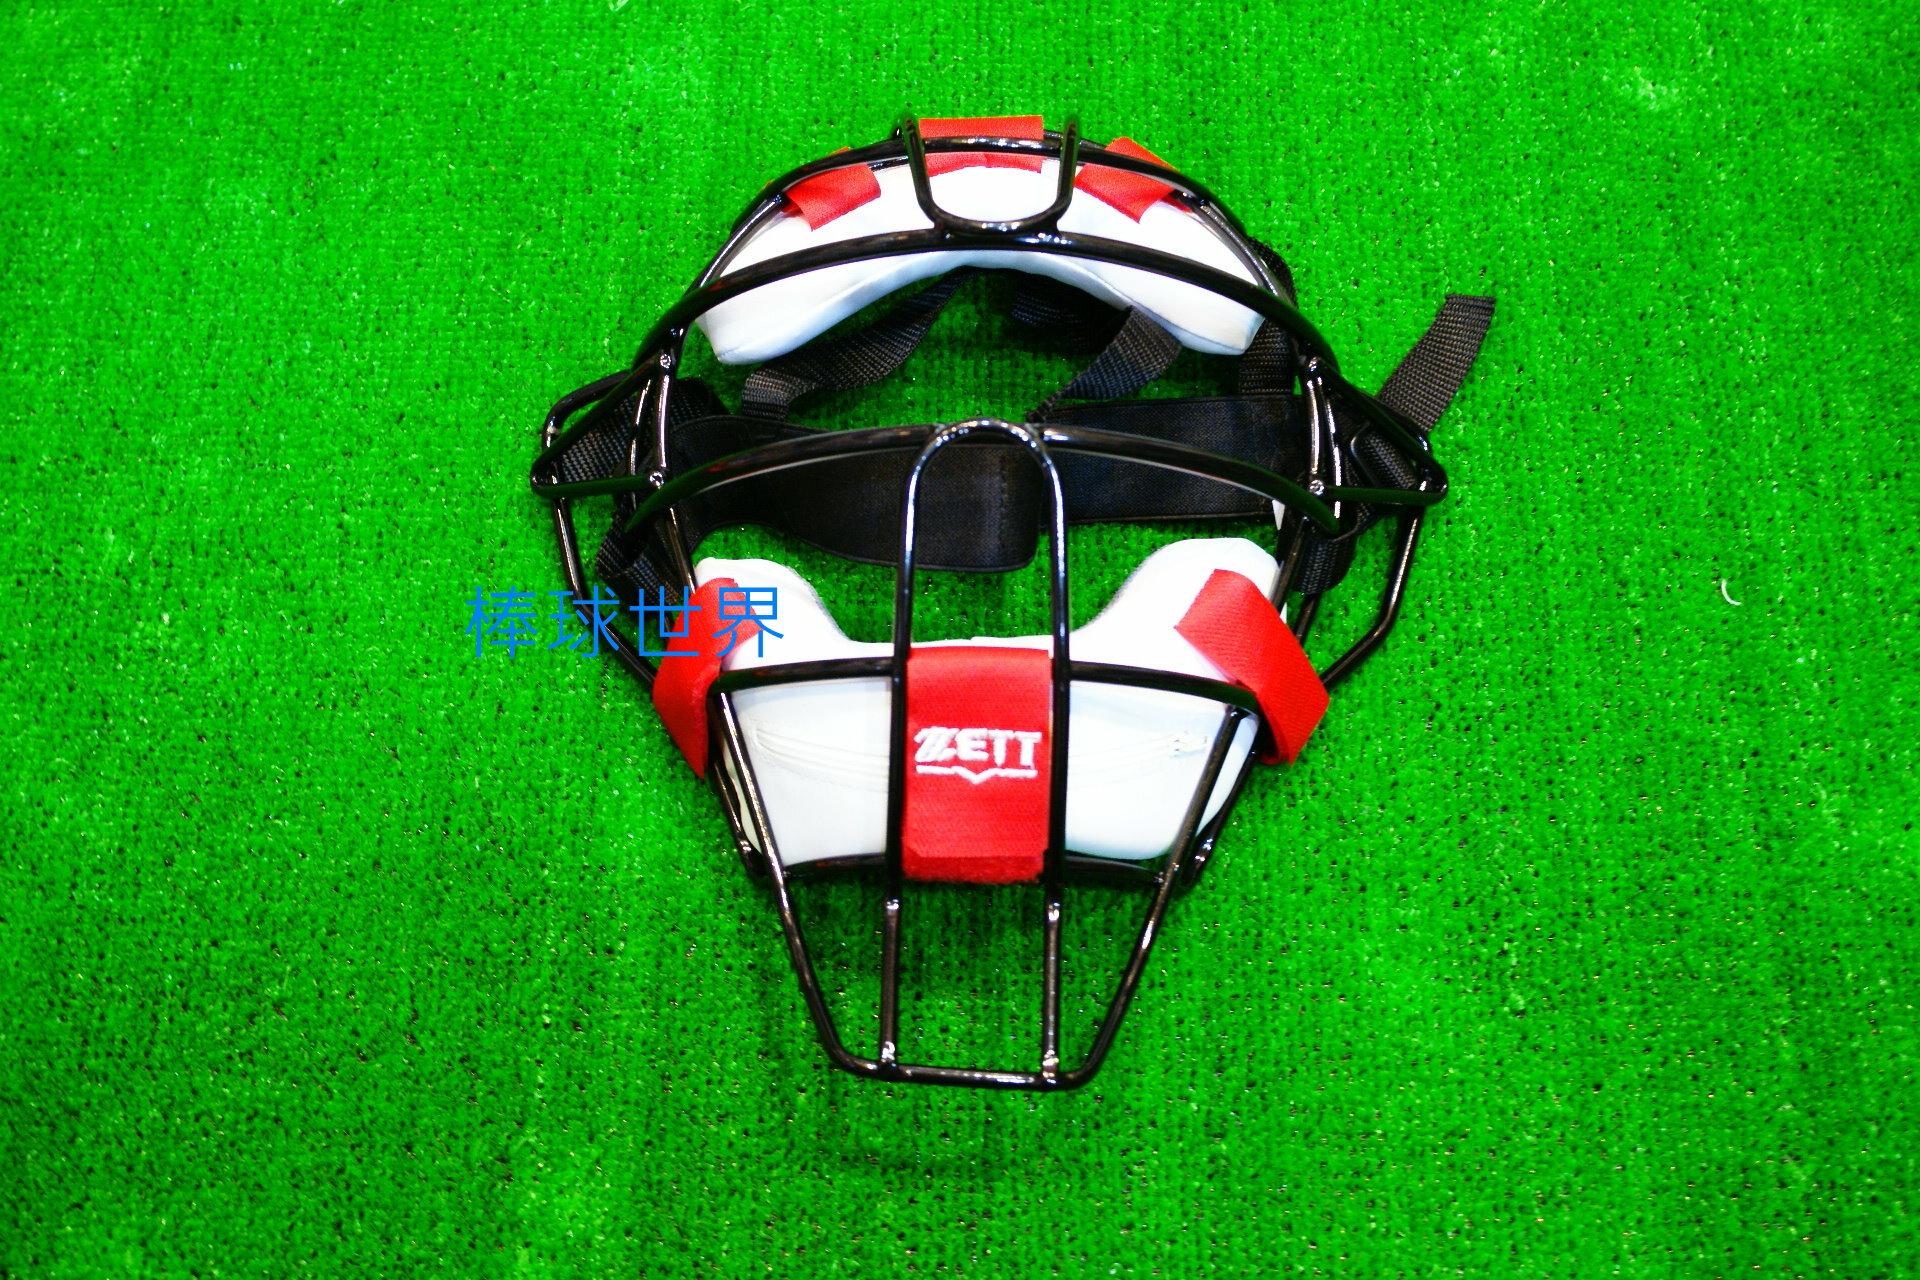 棒球世界全新ZETT 捕手面罩 BLMT-626 三色特價